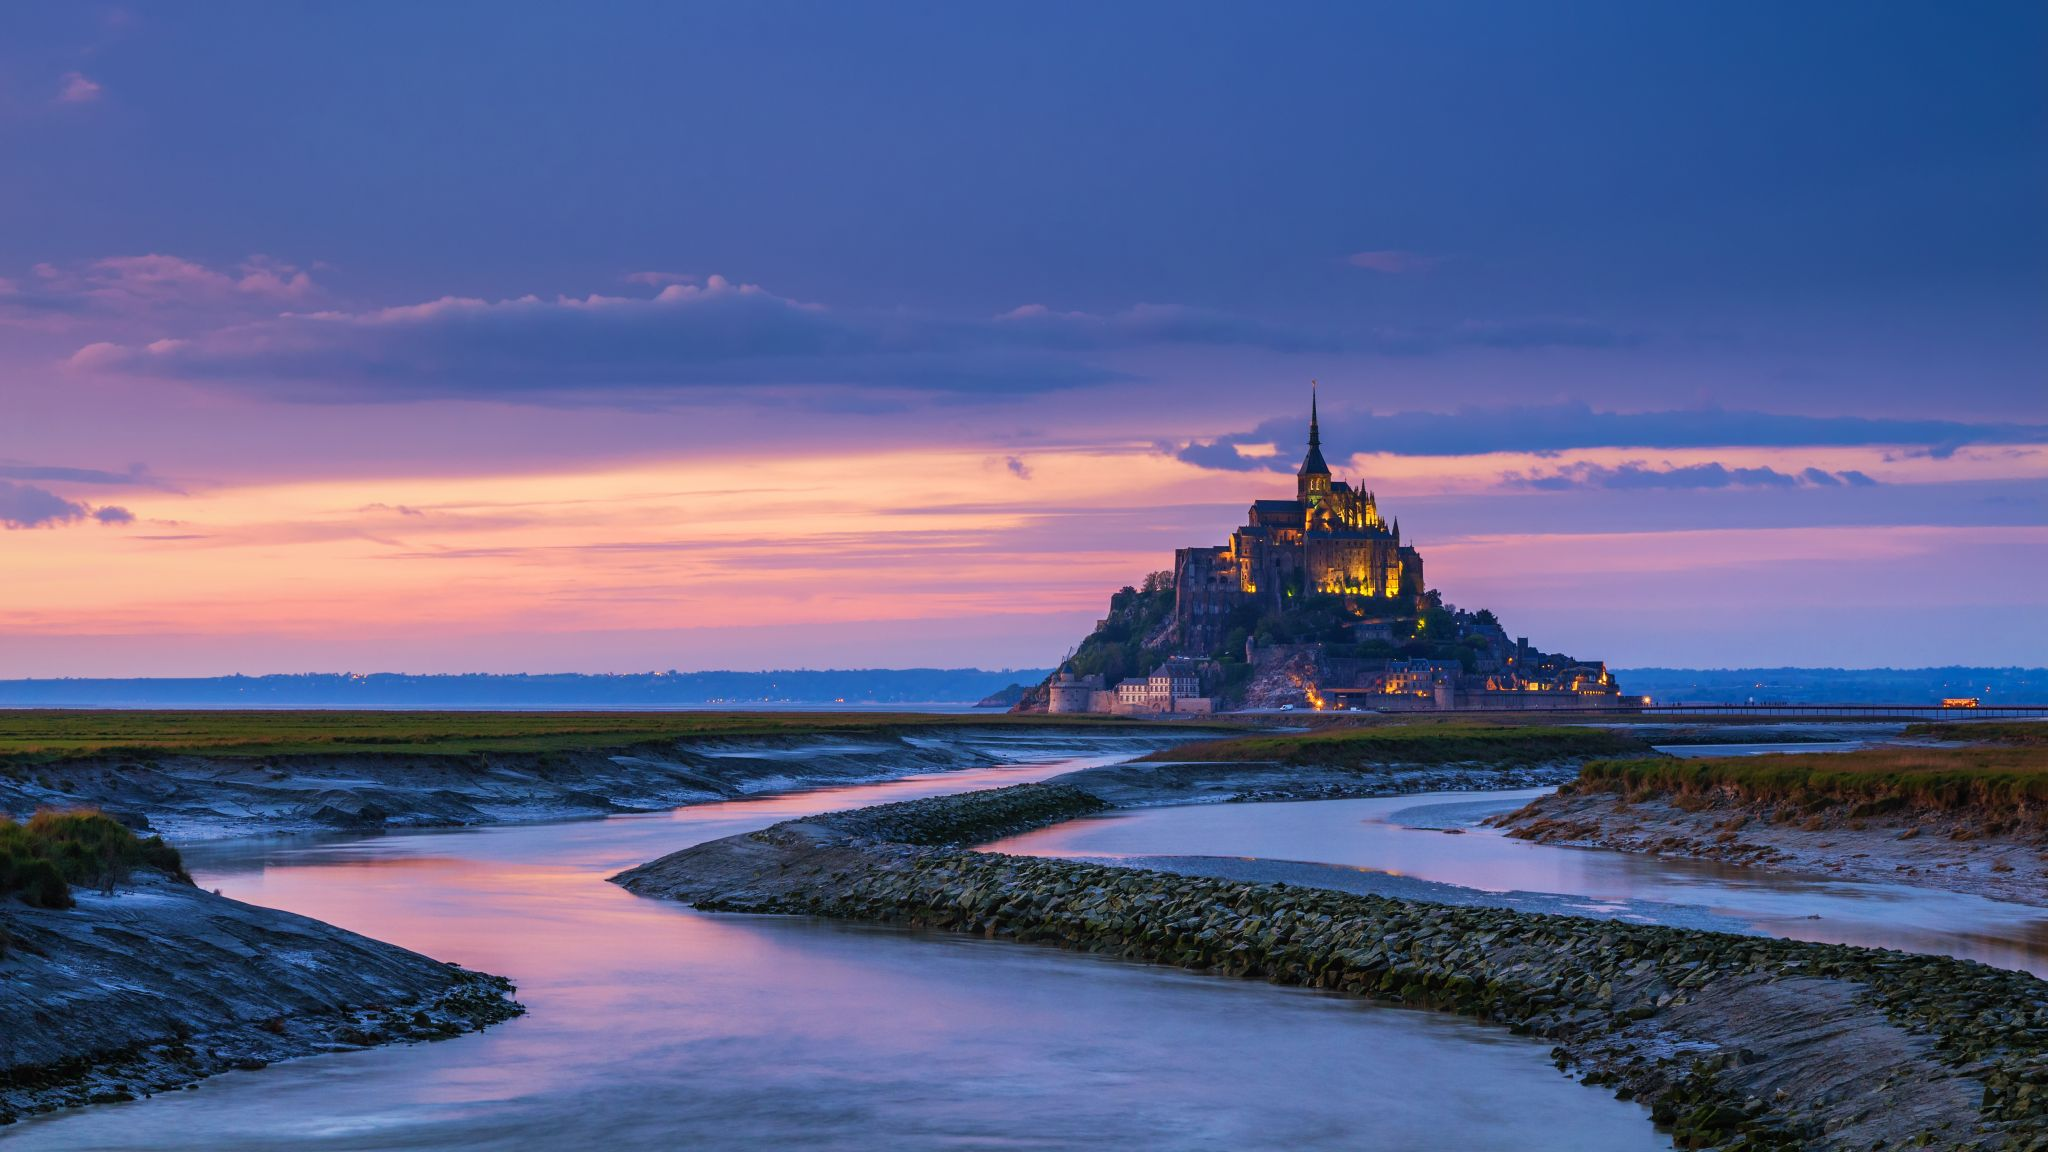 Mont Saint-Michel at sunset, France